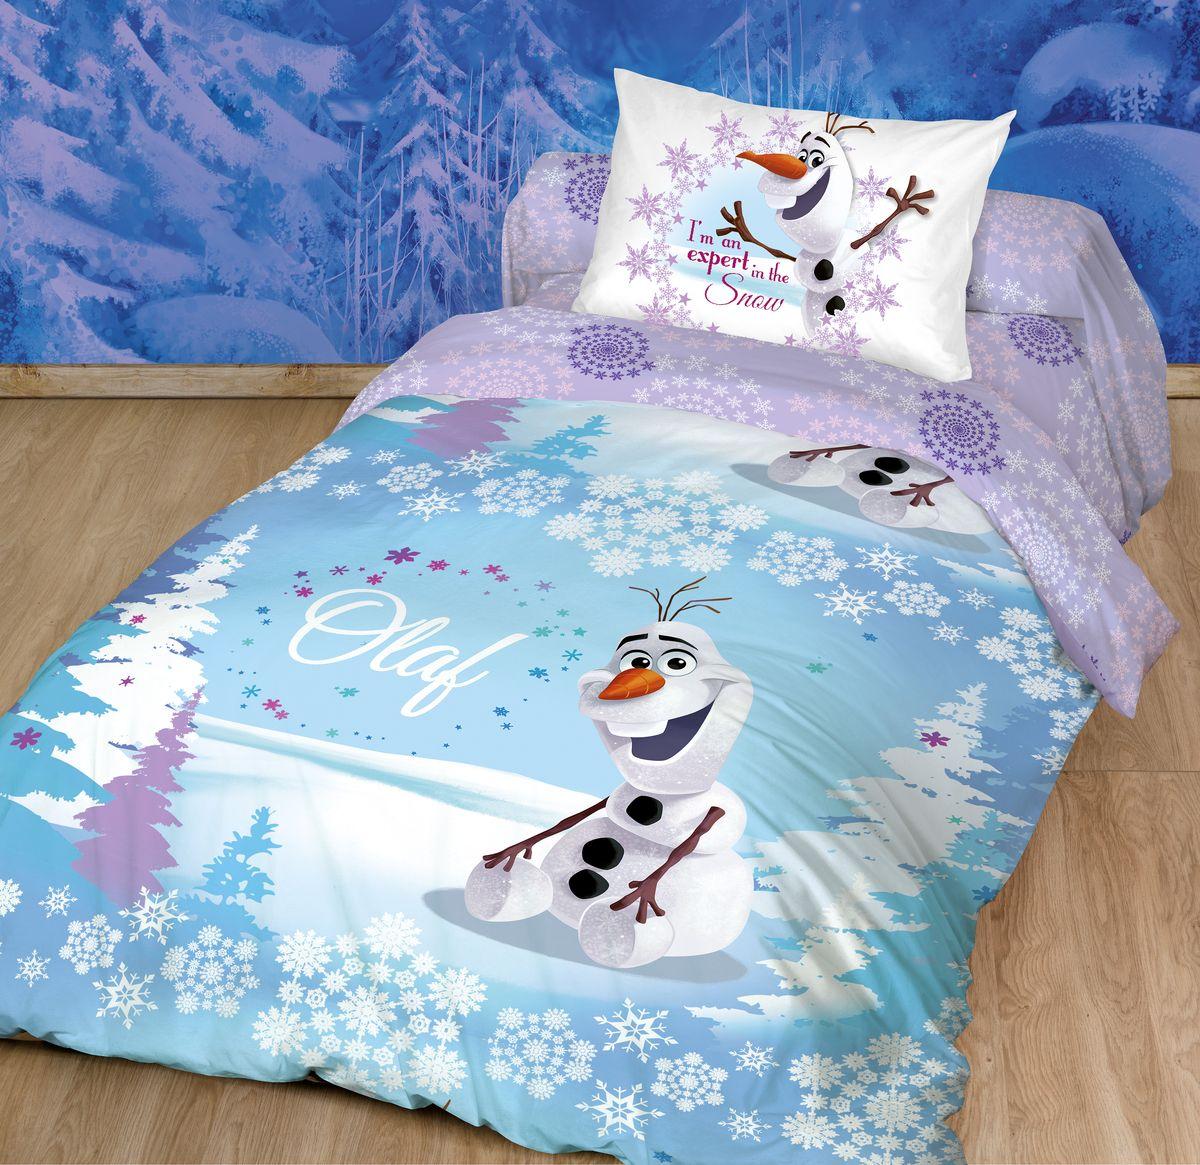 Комплект белья Disney, 1,5-спальный, наволочка 50х70. 18649515п-1MRКомплект белья Disney - это лицензионное постельное белье, выполненное из натуральных природных материалов.Комплект состоит из пододеяльника, простыни и наволочки.Уникальная структура ткани с высокими потребительскими свойствами. Ранфорс - это 100% хлопковая ткань. Привлекательная упаковка, позволяющая быть великолепным подарочным вариантом. Высокое качество пошива. Ручной подбор раппорта для сохранения целостности героя. Такой комплект привнесет в спальню ребенка массу новых красок и незабываемых впечатлений.